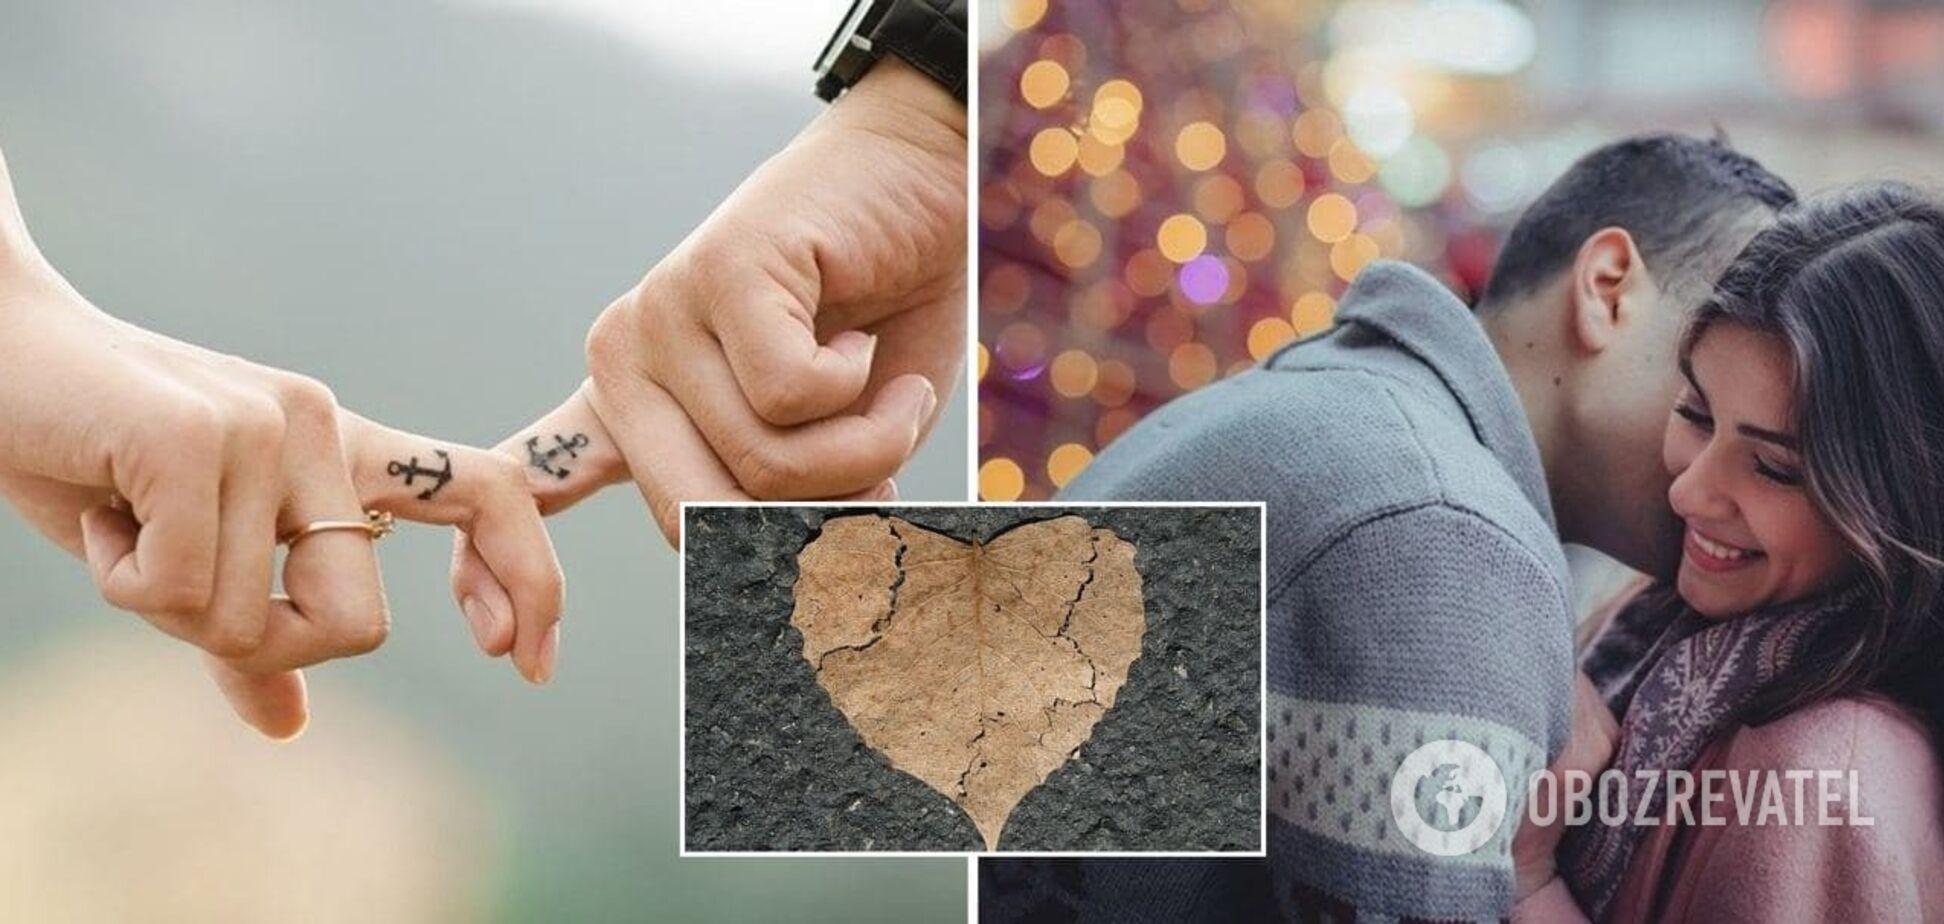 Три знака зодиака могут встретить любовь в сентября: звезды сулят им счастье